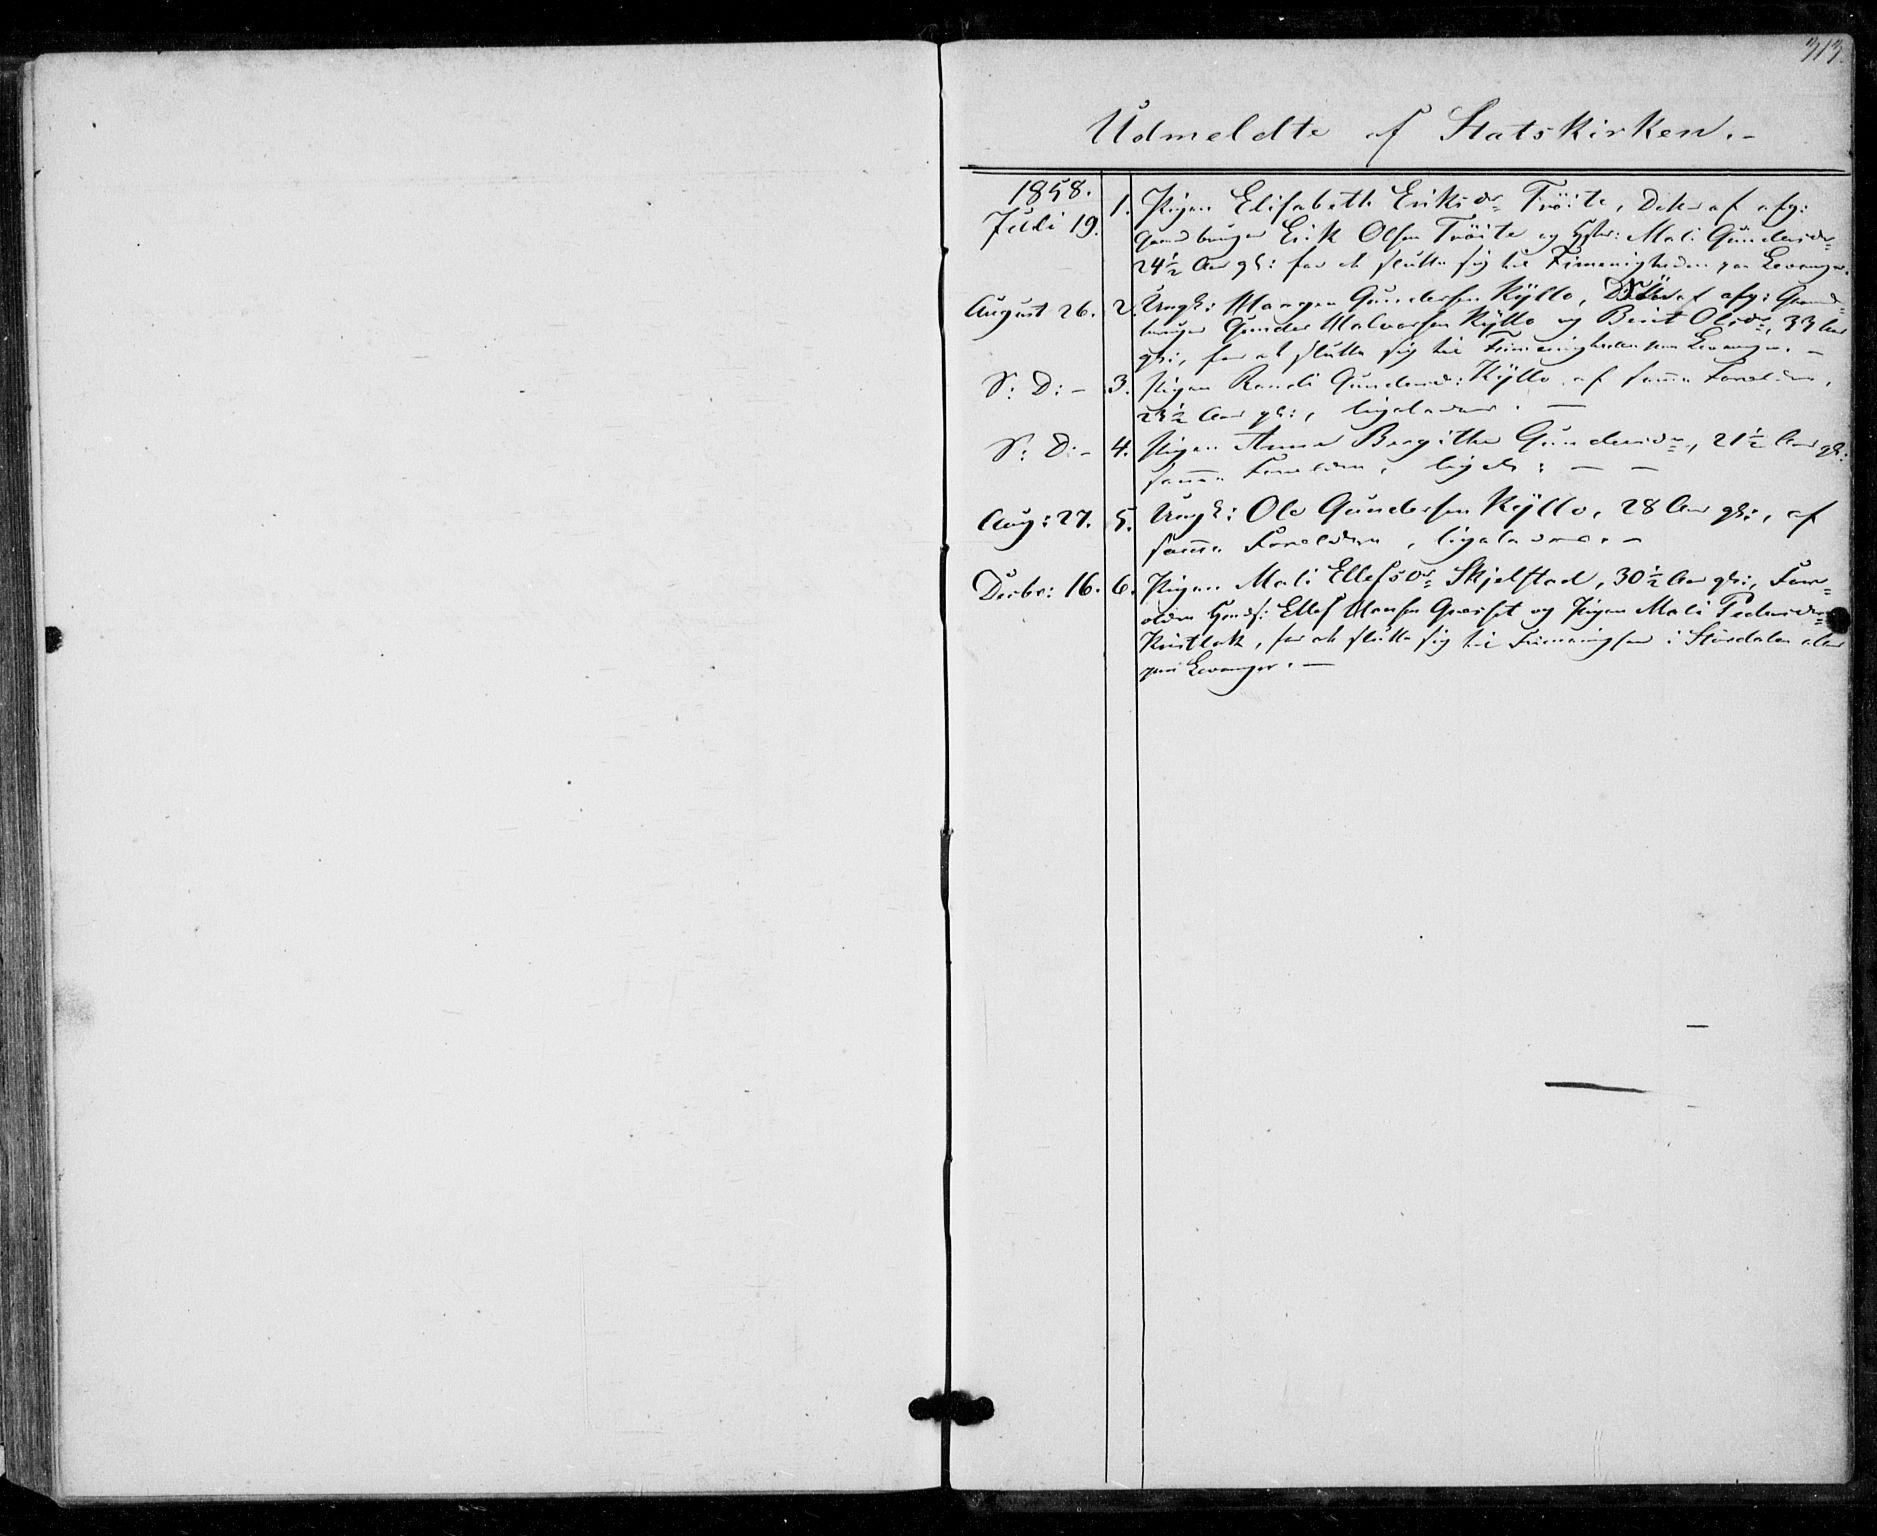 SAT, Ministerialprotokoller, klokkerbøker og fødselsregistre - Nord-Trøndelag, 703/L0028: Parish register (official) no. 703A01, 1850-1862, p. 313